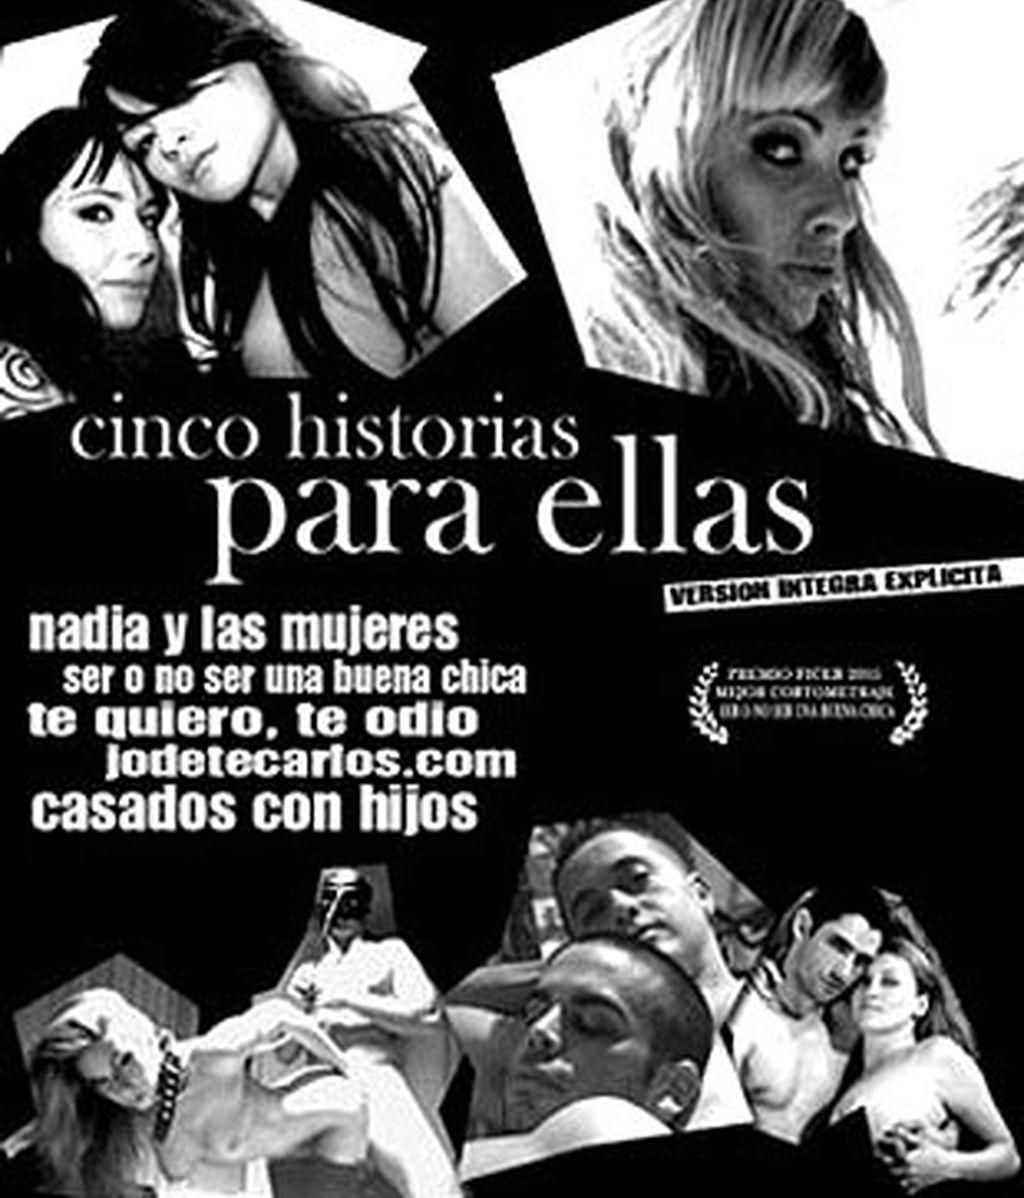 Cartel de la película 'Cinco historias para ellas'.